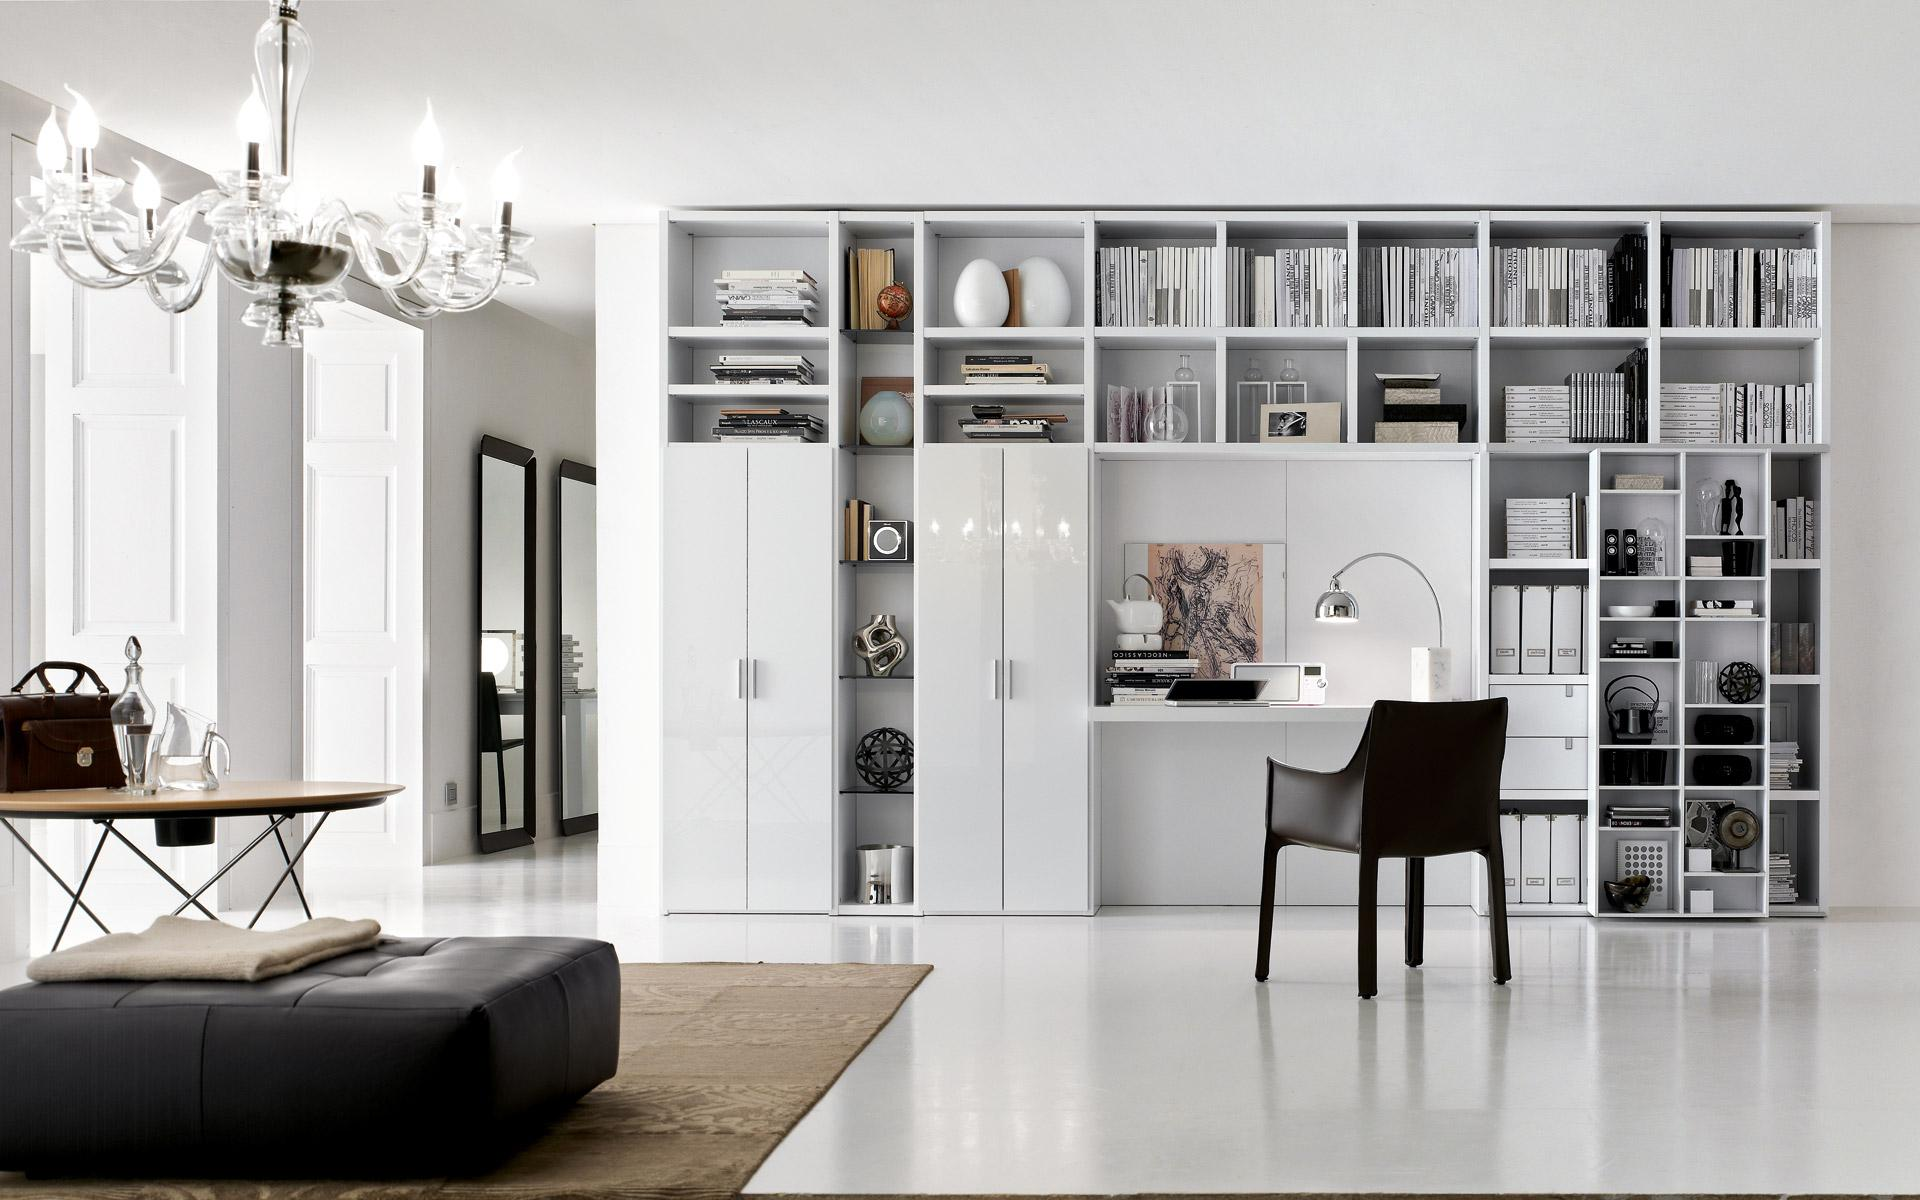 soggiorno-libreria-santa-lucia-rv004-arredamento-padova-rovigo-rampazzo.jpg